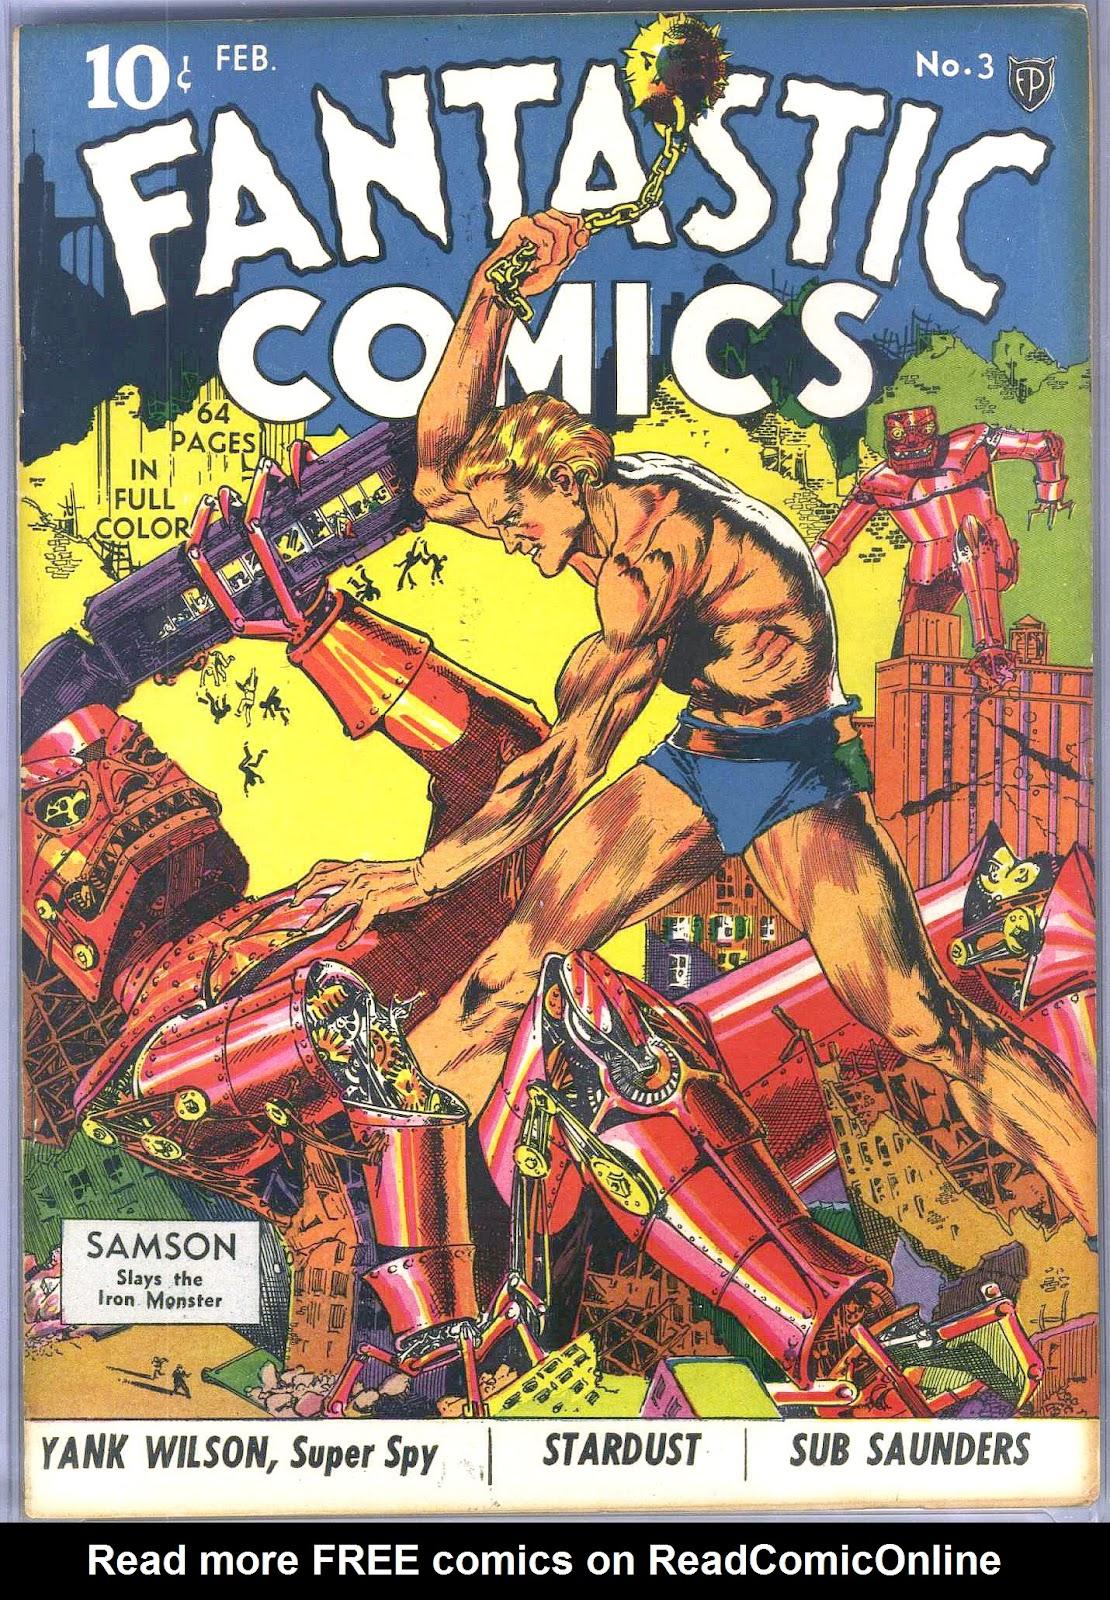 Read online Fantastic Comics comic -  Issue #3 - 2